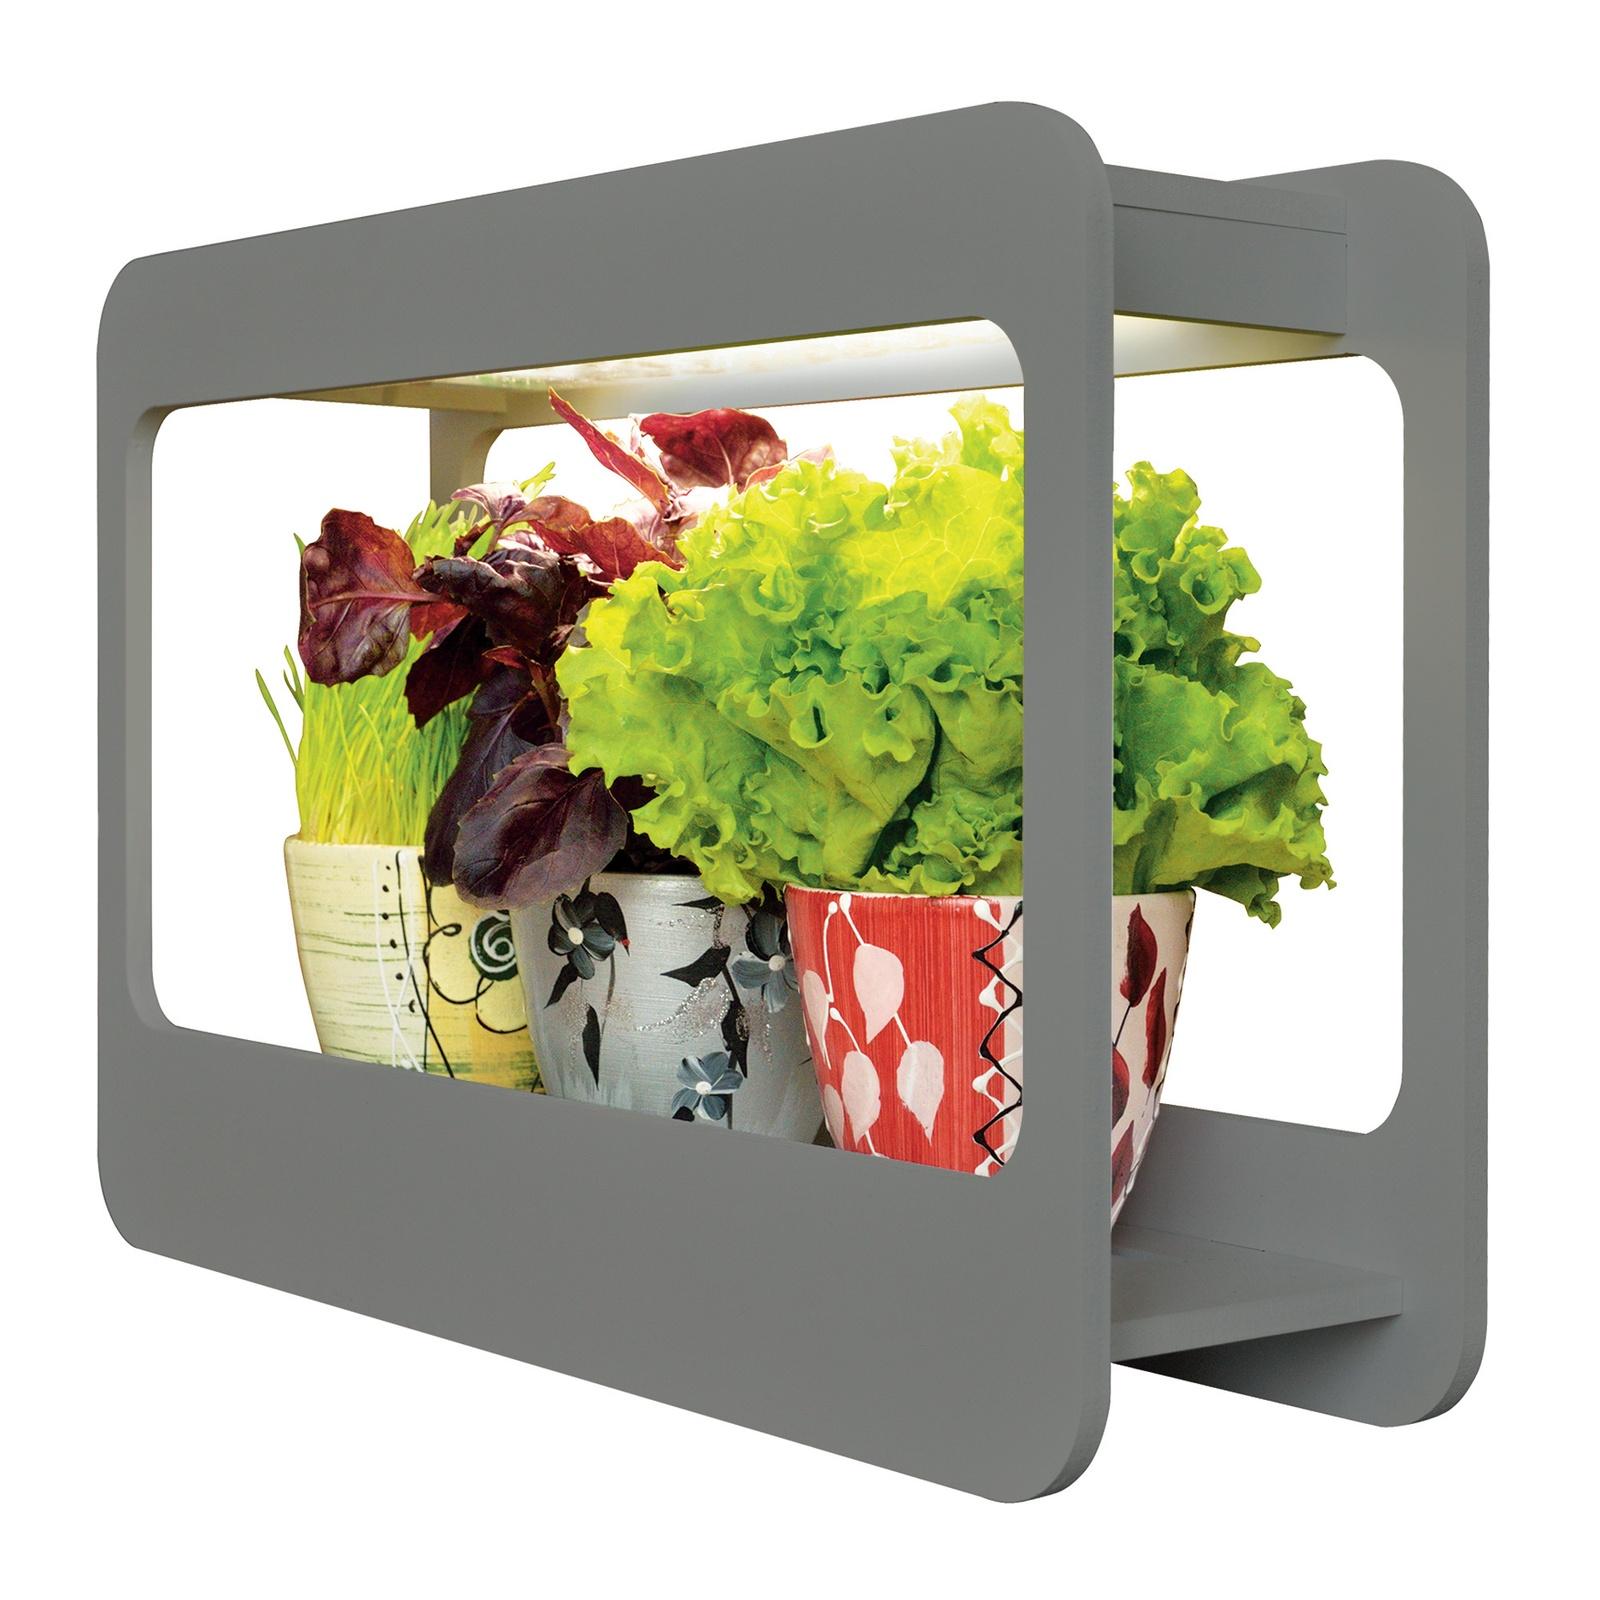 Лампа для растений Uniel ULT-P30-15W/SPFS, Без цоколя, 15 Вт подсветка для растений uniel ult p30 15w spfs ip40 white